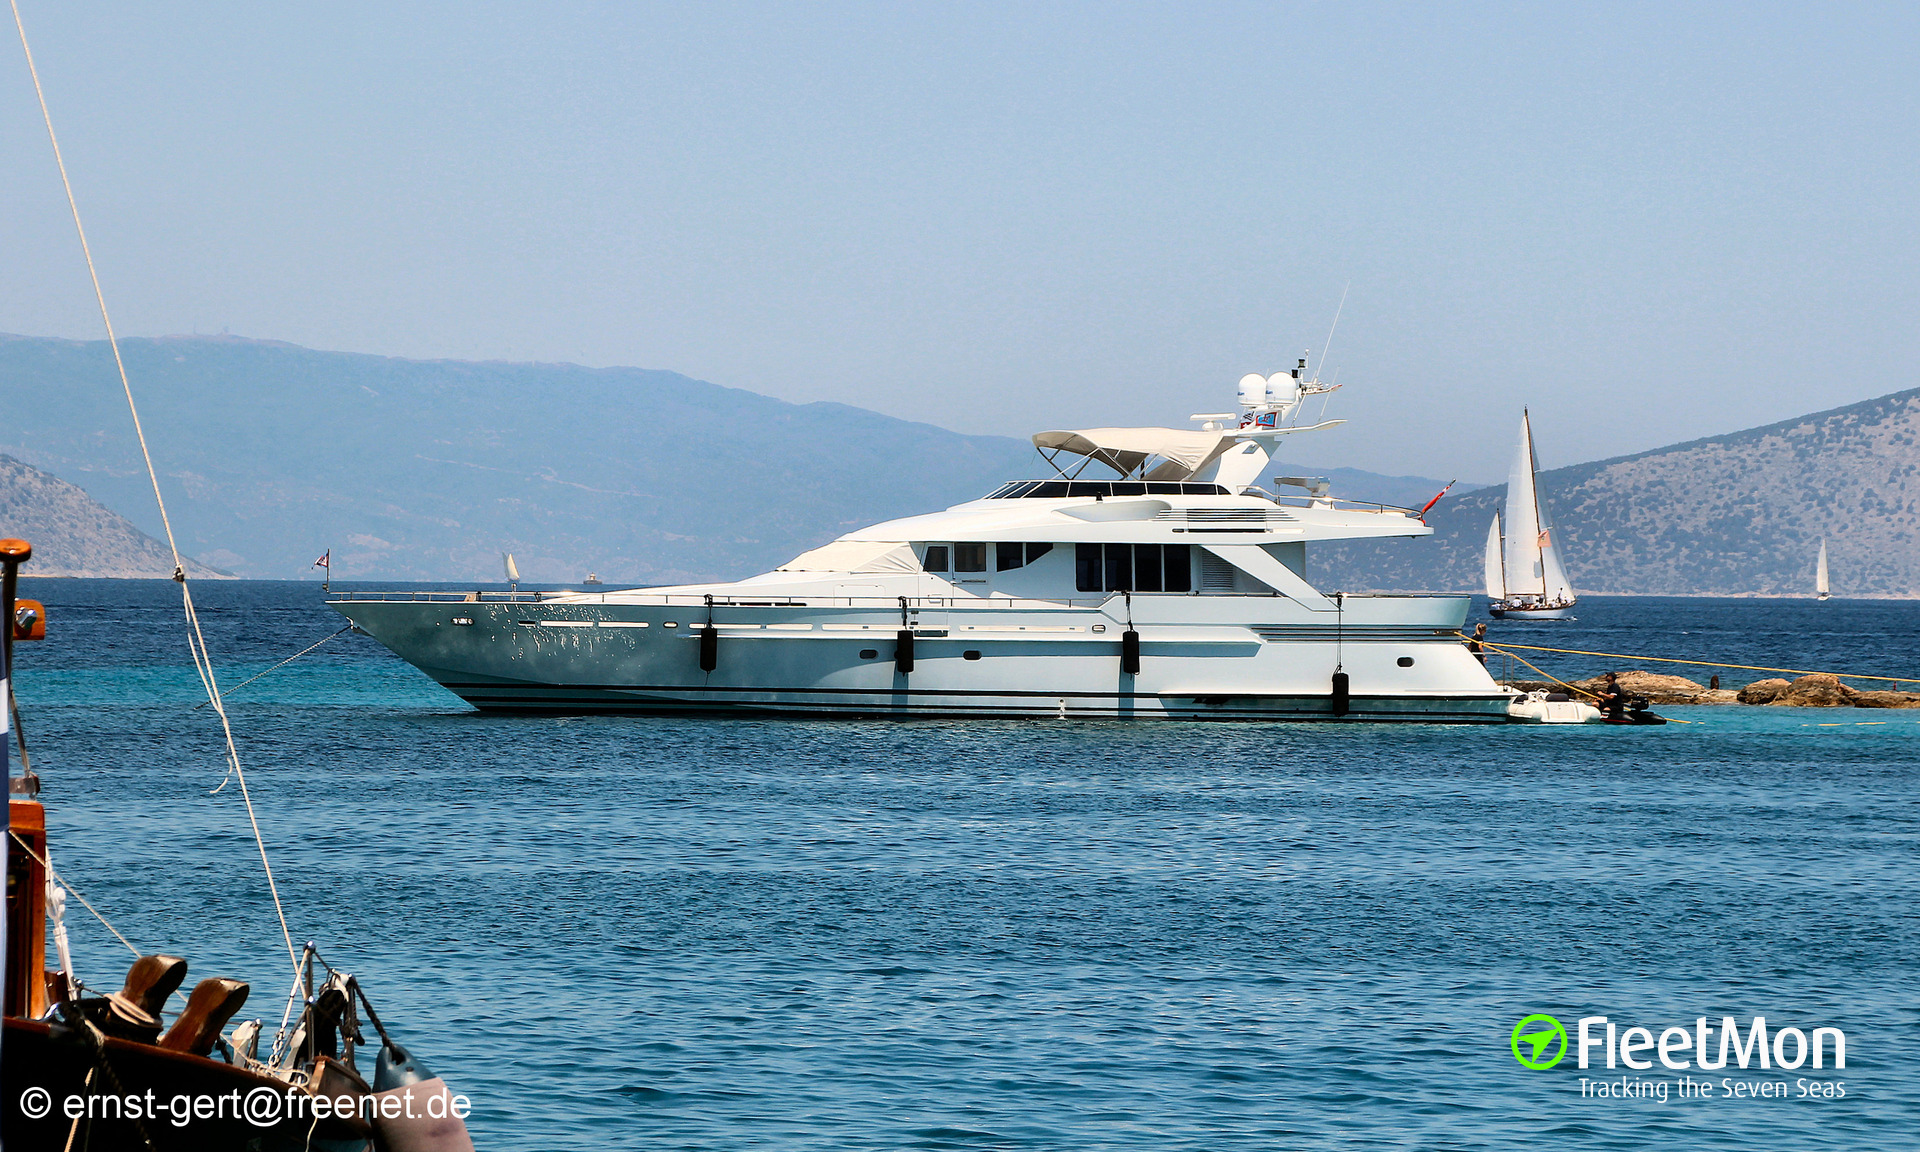 Vessel MARLA II (Yacht) IMO —, MMSI 378001221